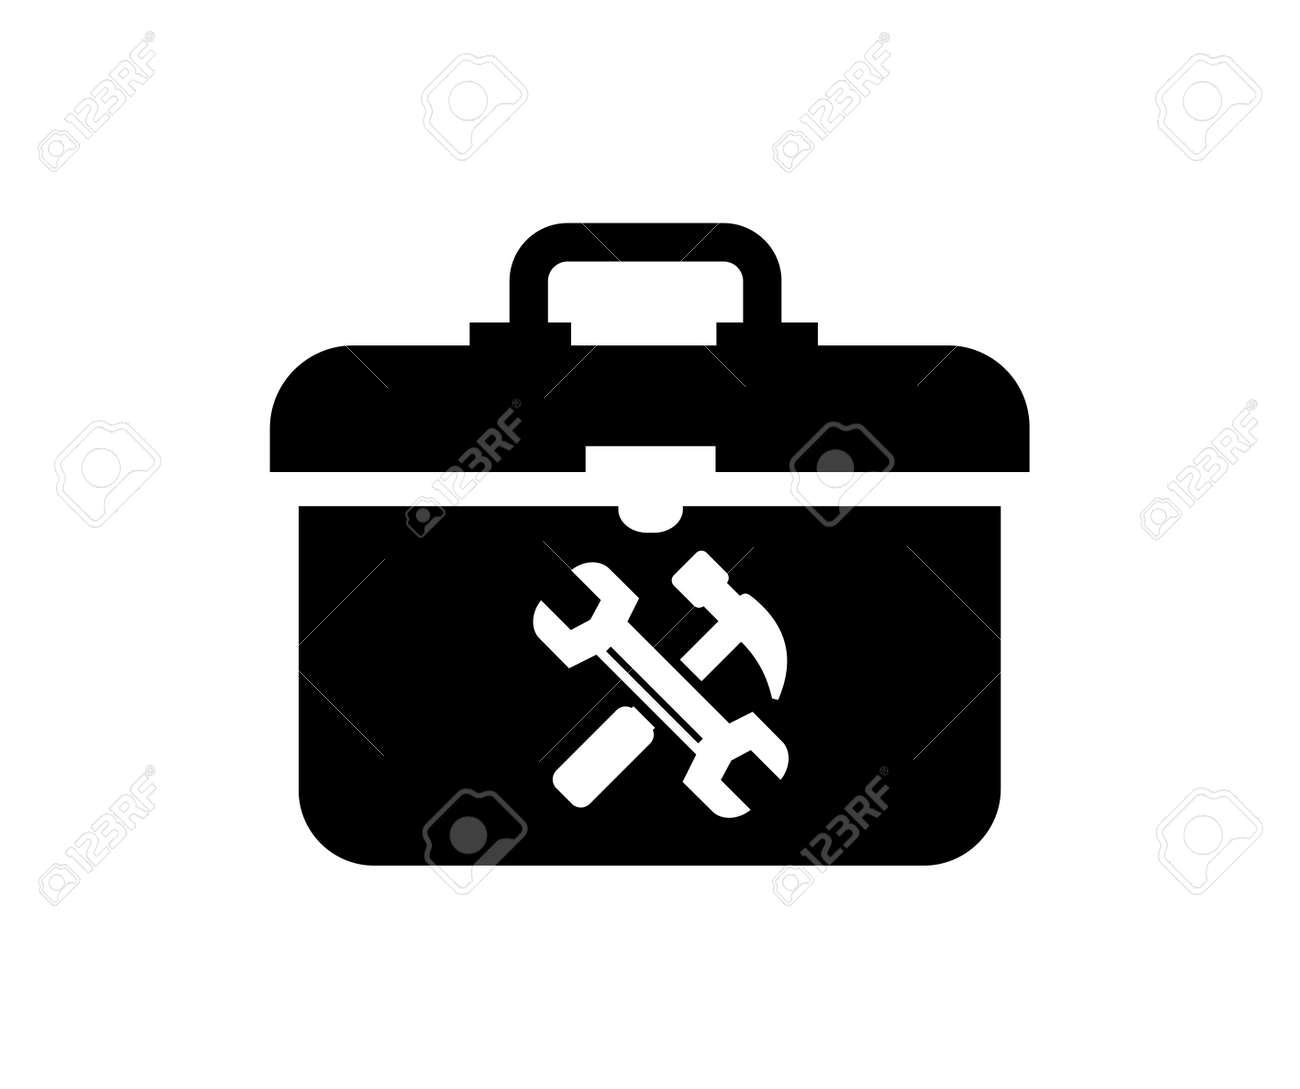 Vektor Schwarz Toolbox Symbol Auf Weißem Hintergrund Lizenzfrei ...